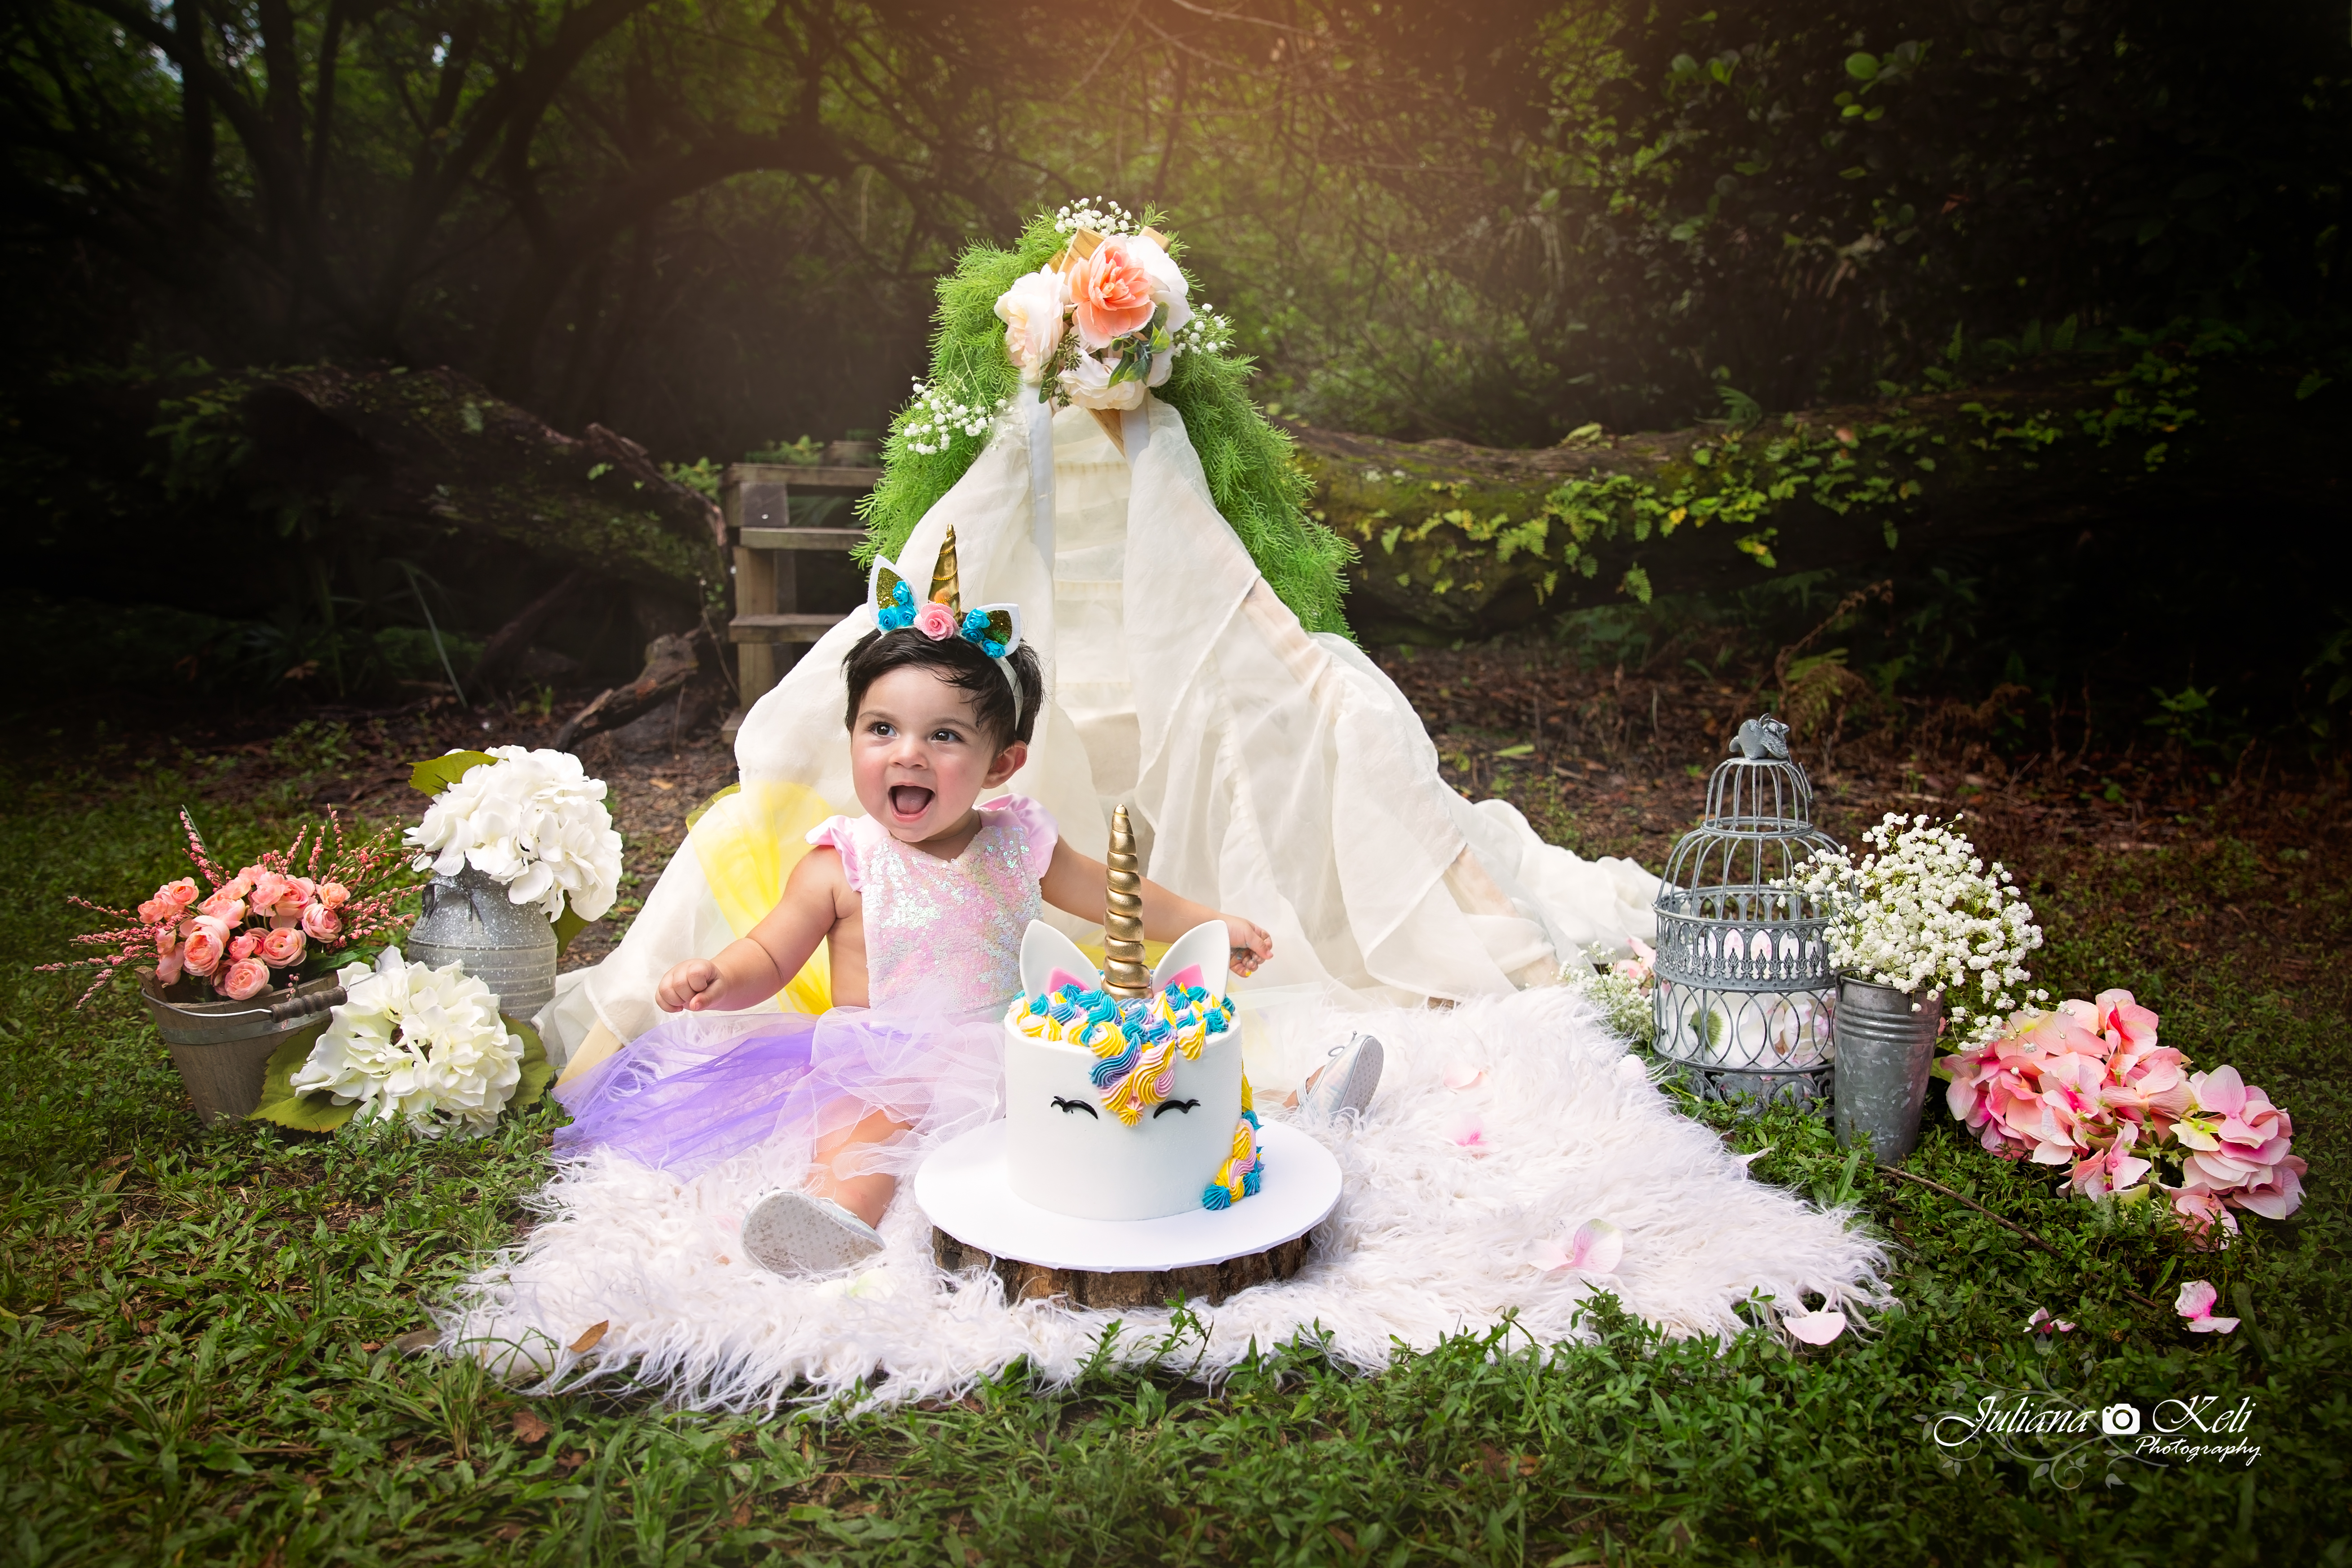 Cake Smash Photography